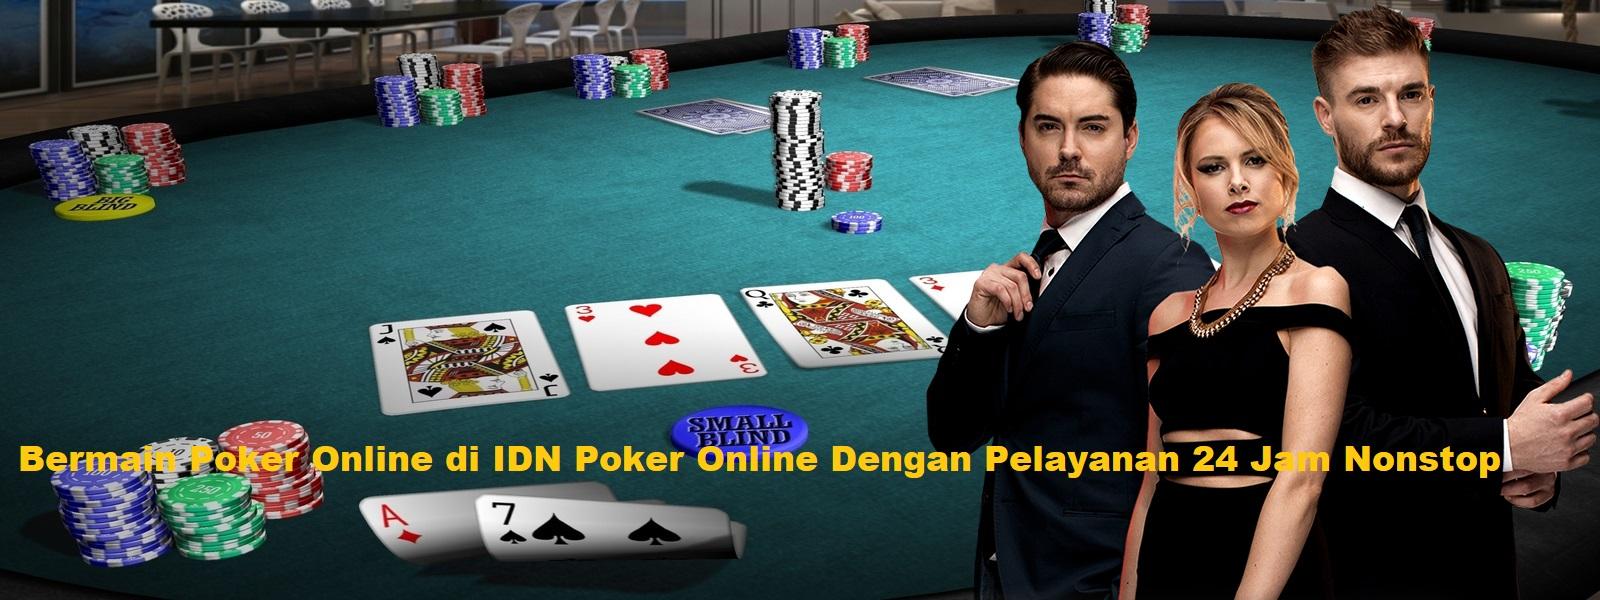 Bermain Poker Online di IDN Poker Online Dengan Pelayanan 24 Jam Nonstop